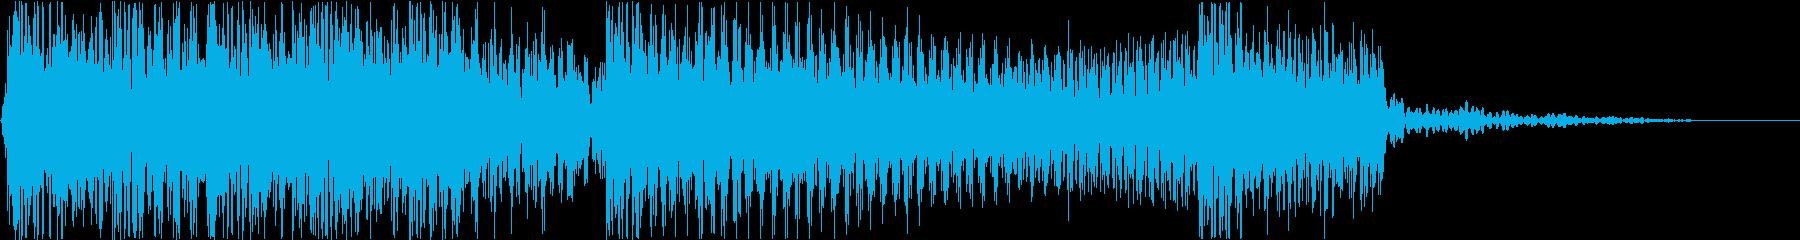 生演奏メタルギター疾走感ジングルバトルの再生済みの波形